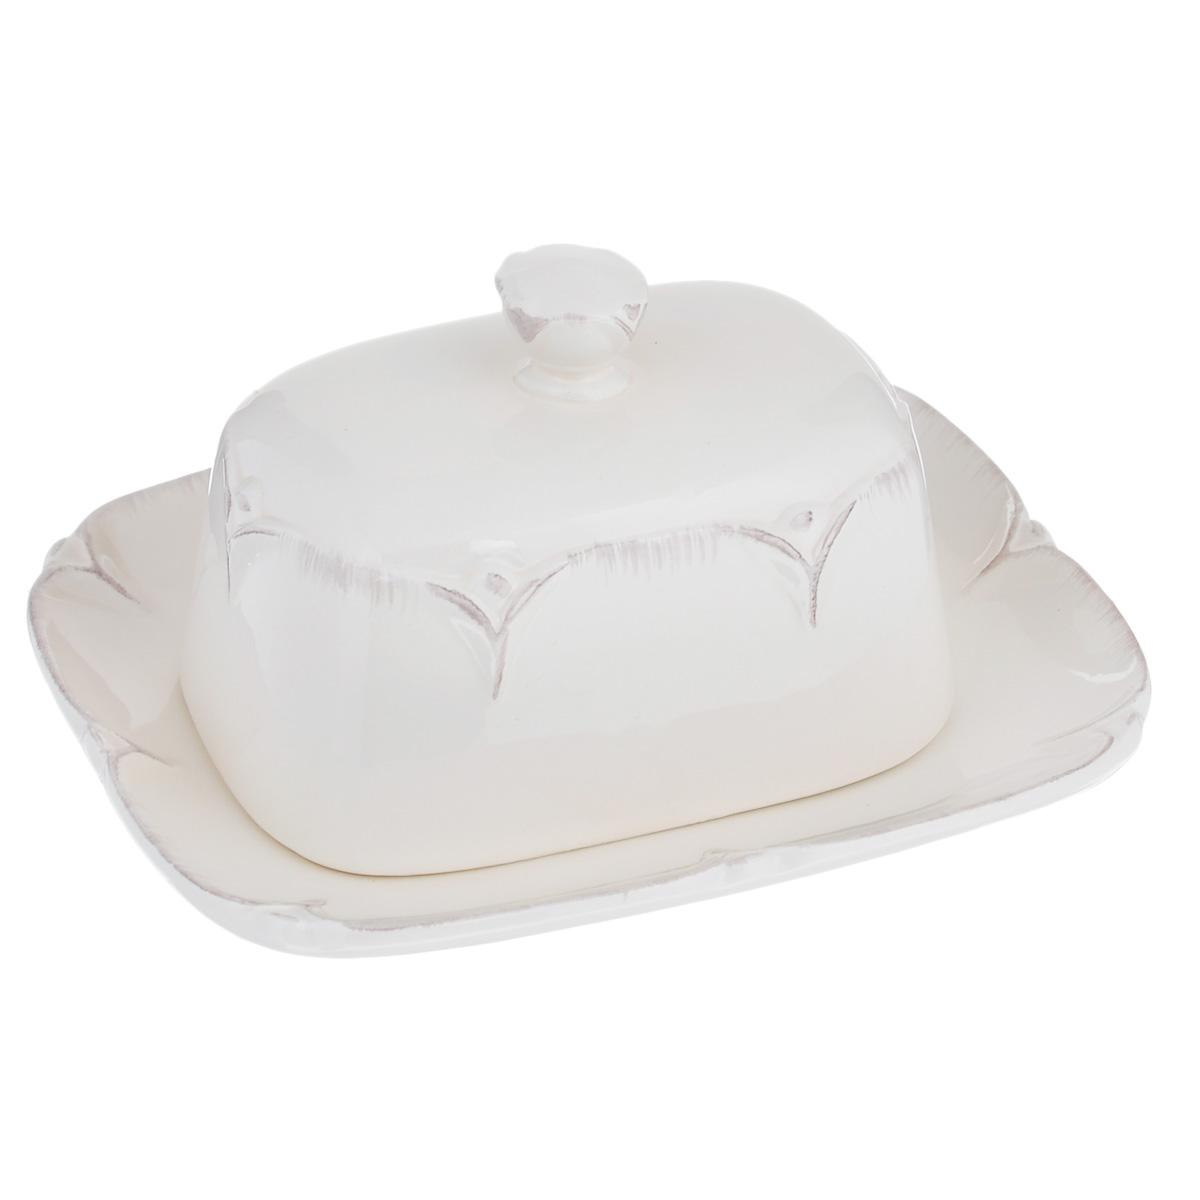 Масленка Lillo Ideal, цвет: молочный214201Масленка Lillo Ideal, изготовленная из керамики, предназначена для красивой сервировки и хранения масла. Она состоит из крышки с удобной ручкой и подноса. Масло в ней долго остается свежим, а при хранении в холодильнике не впитывает посторонние запахи. Гладкая поверхность обеспечивает легкую чистку. Можно мыть в посудомоечной машине.